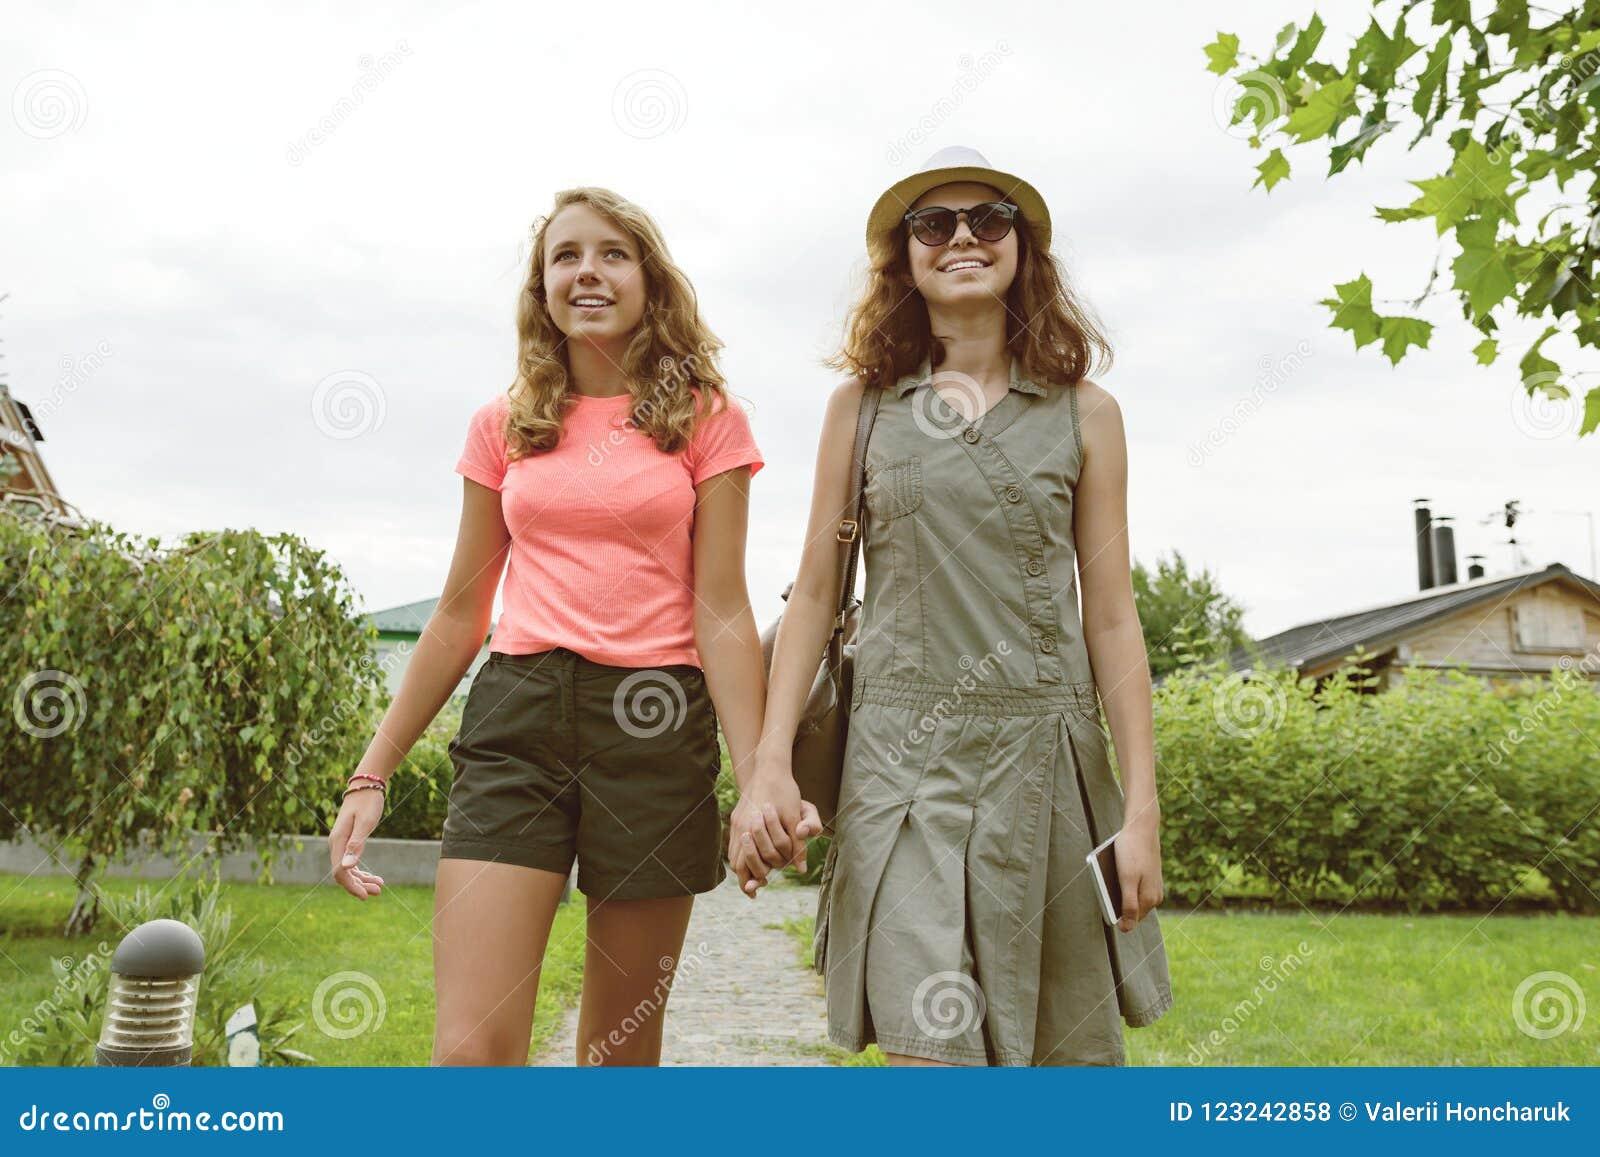 Dwa dziewczyna przyjaciela iść trzymać ręki, tło gazonu ścieżka blisko domu